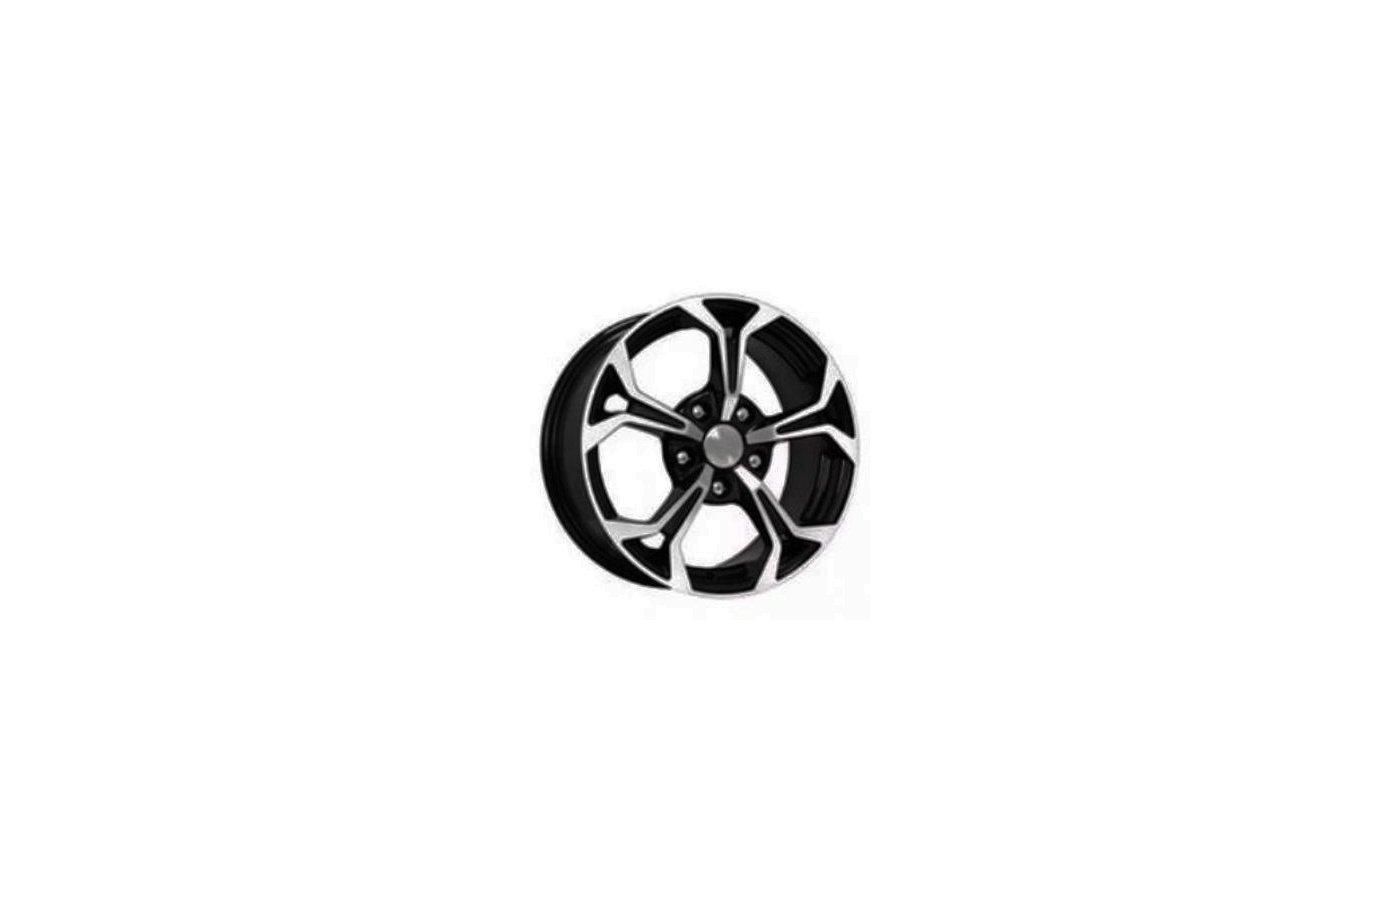 Диск iFree Эрнесто 6.5x15/5x108 D67.1 ET43 Блэк Джек